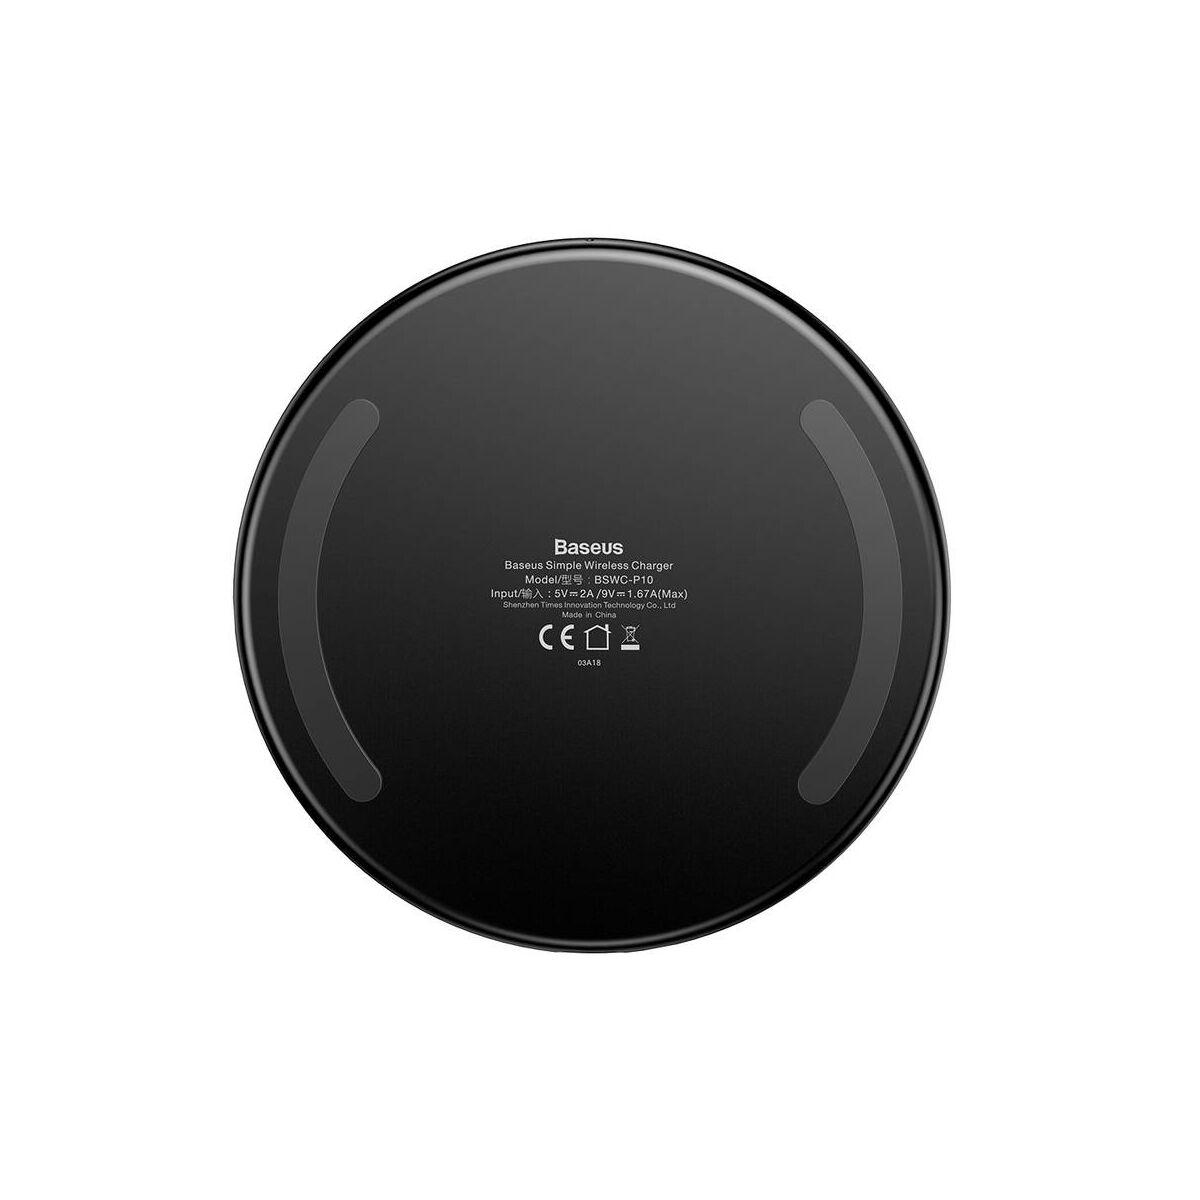 Baseus vezeték nélküli töltő 10W, fekete (CCALL-JK01)